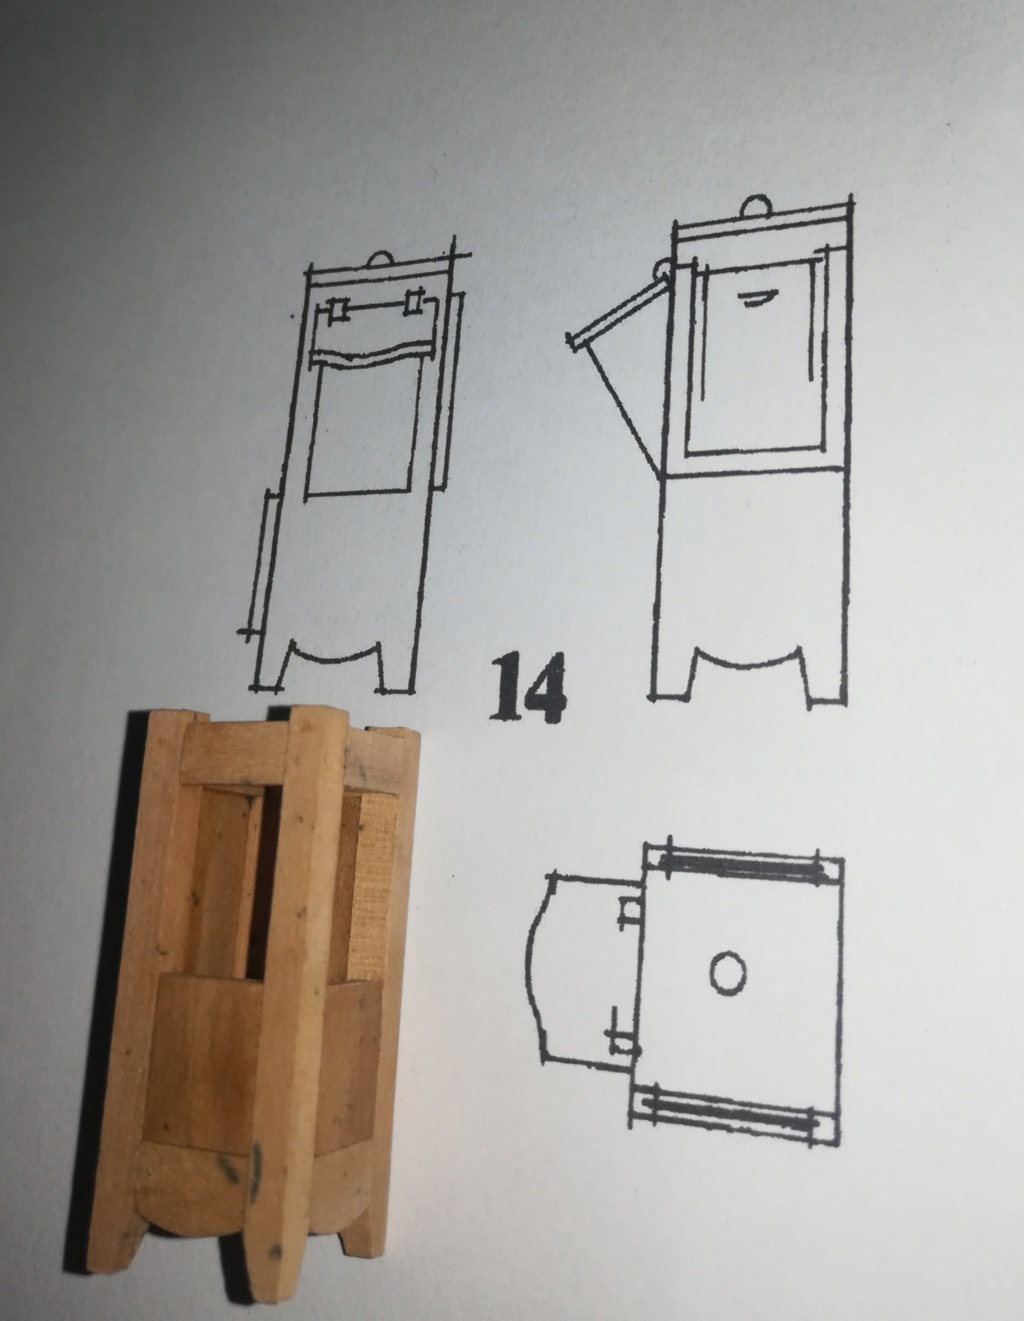 piani - La Belle 1684 scala 1/24  piani ANCRE cantiere di grisuzone  - Pagina 9 Rimg_289